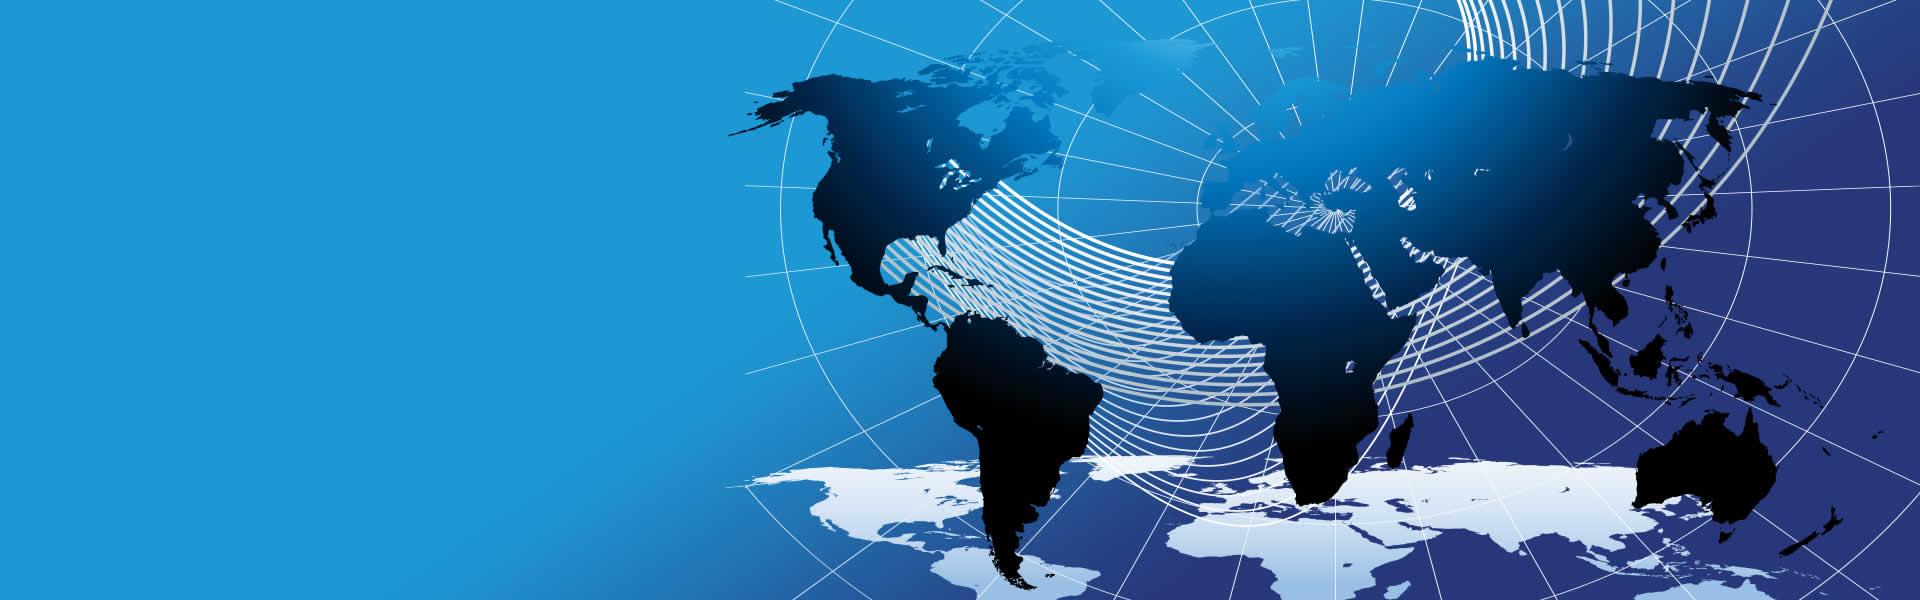 A Global Network.